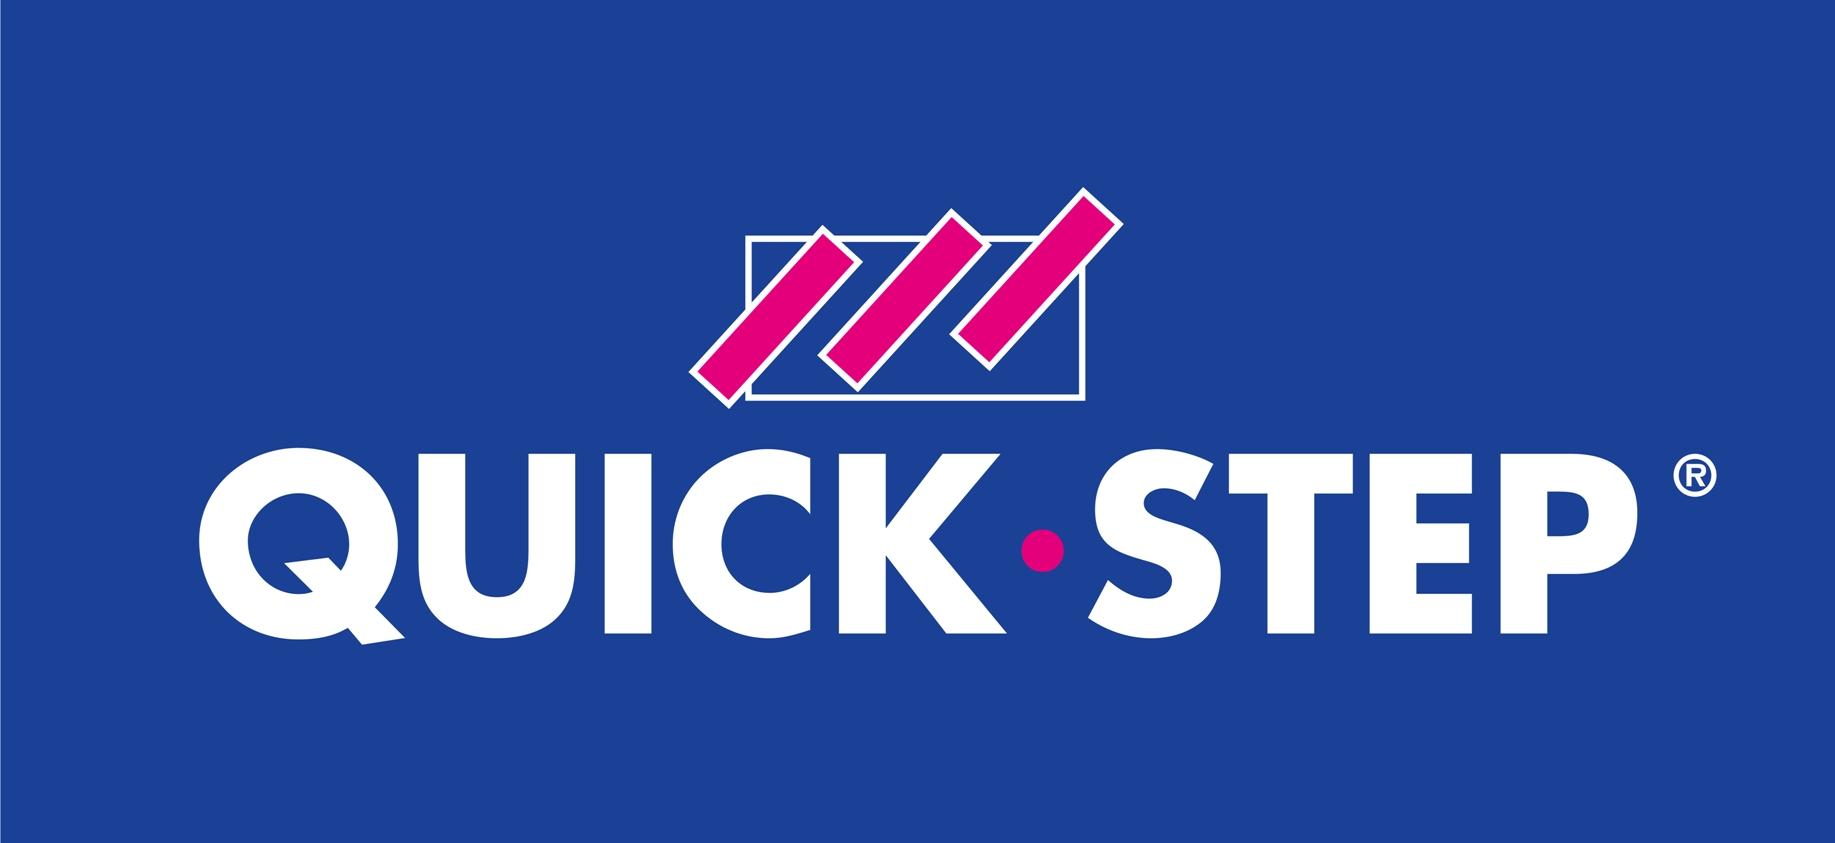 logo-quickstep-bleu-rgbsmall.jpg